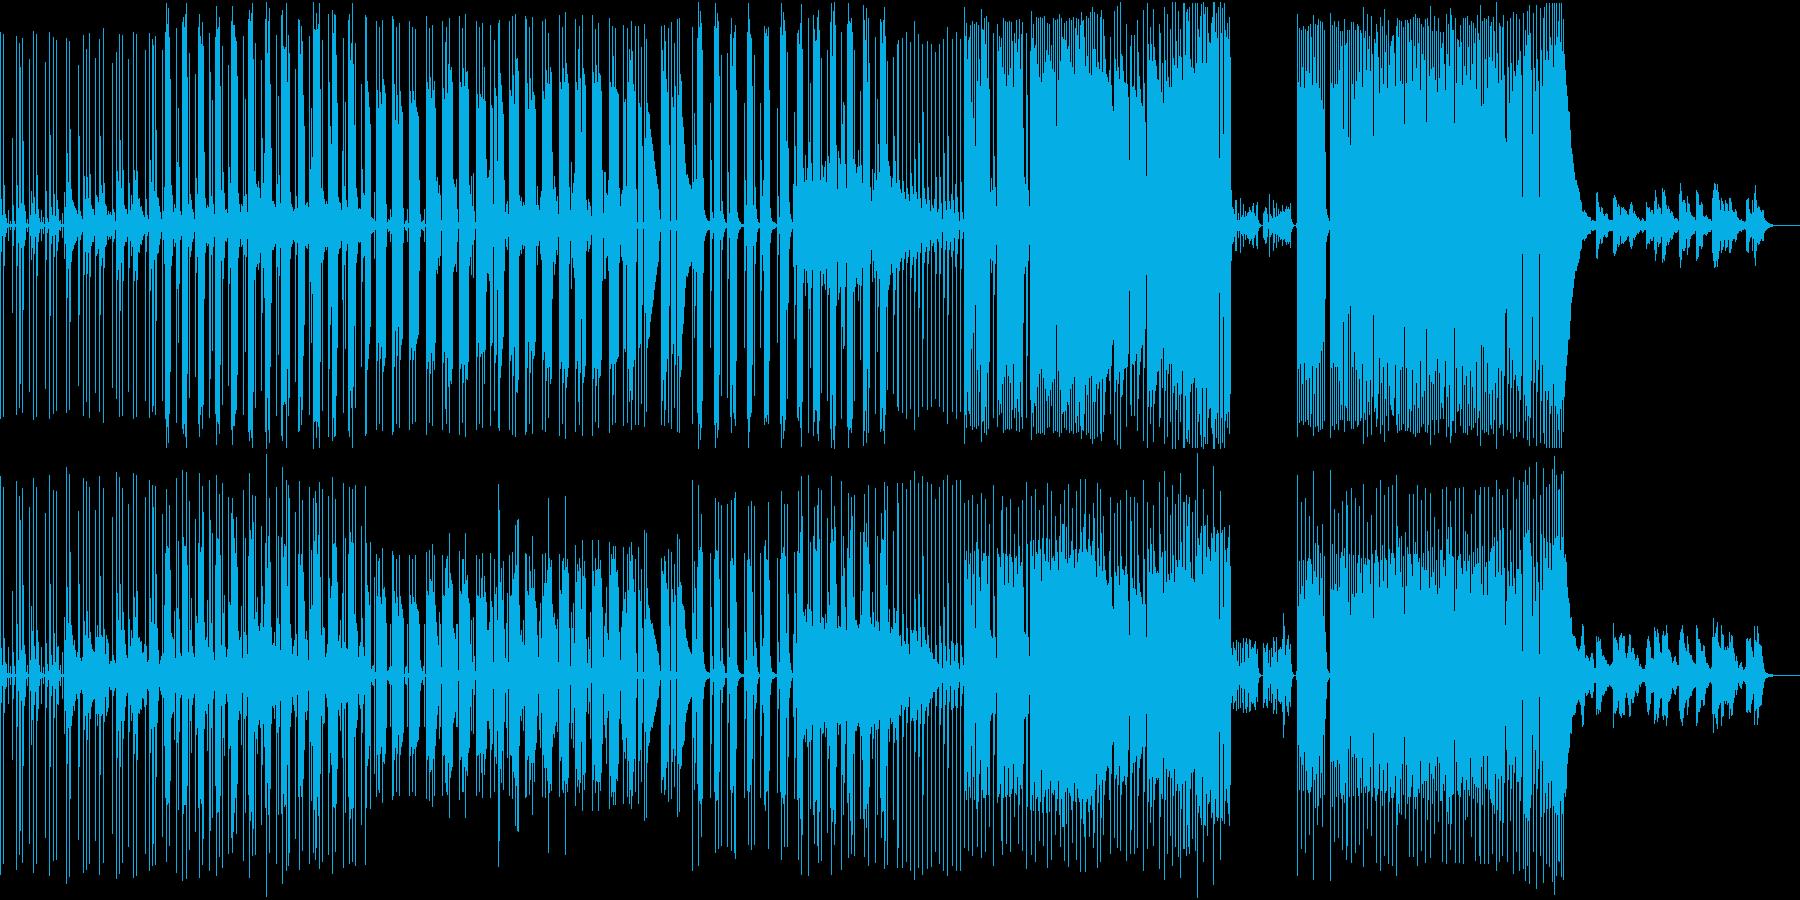 切ないエレピとギターのミドルテンポの再生済みの波形